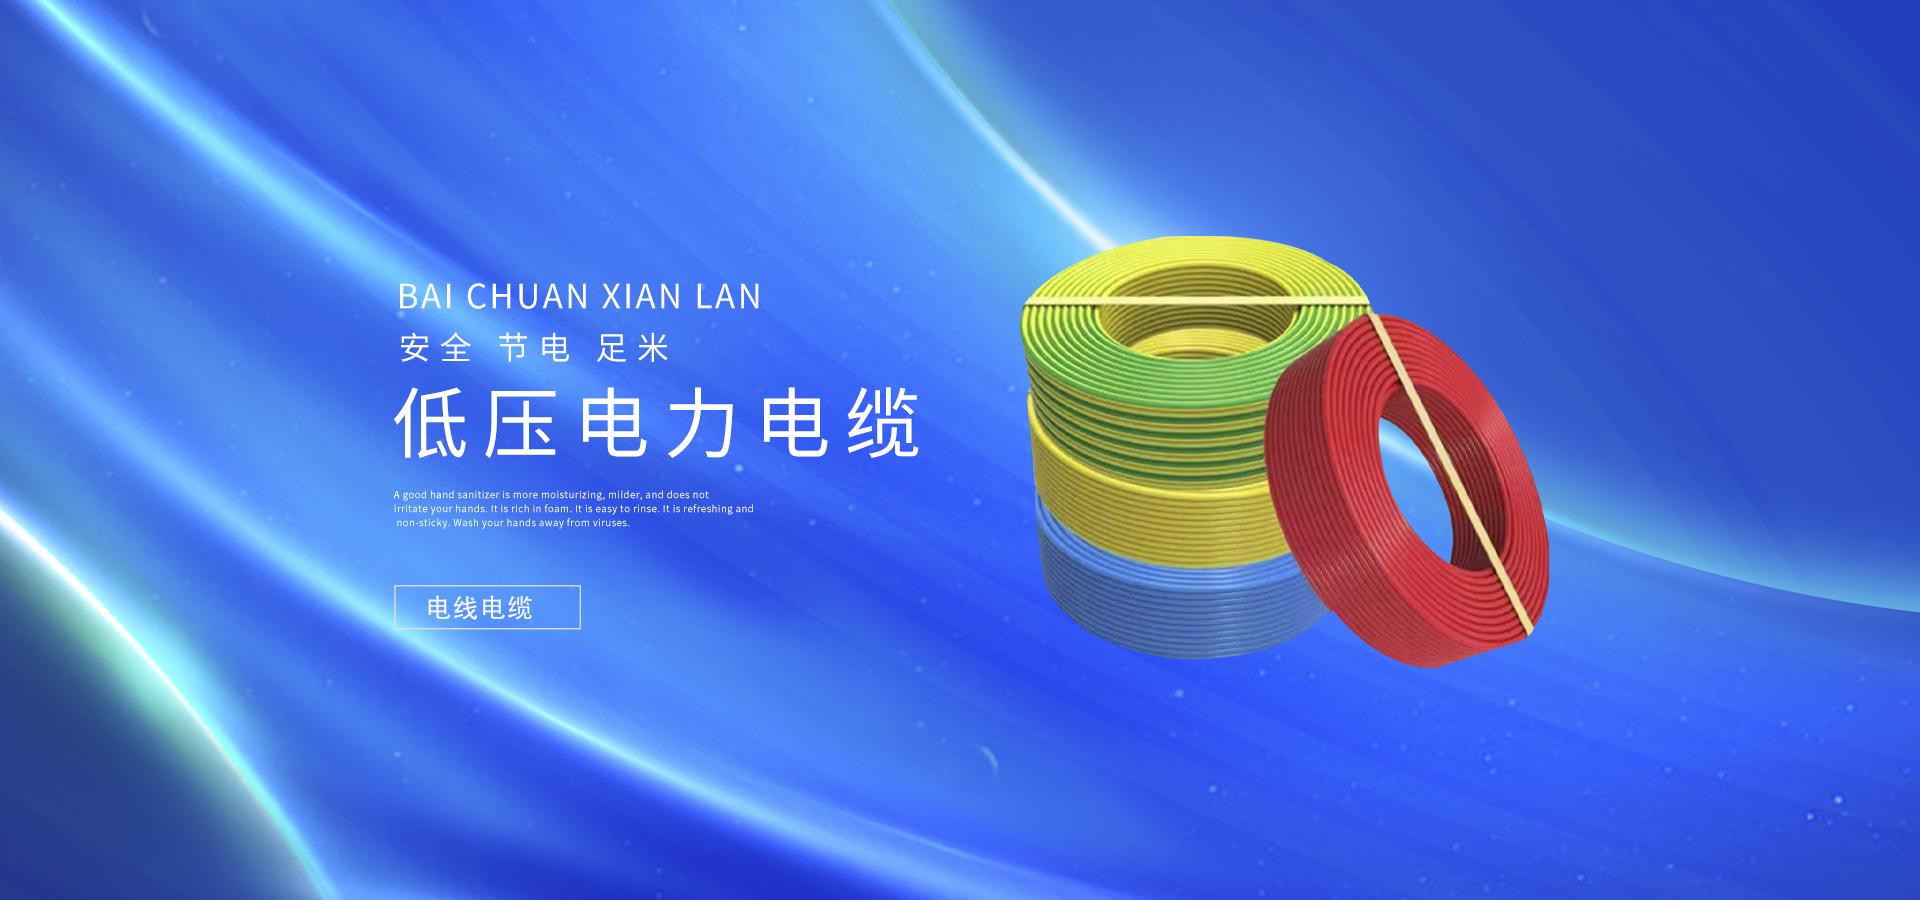 河北热博注册平台电线电缆有限公司